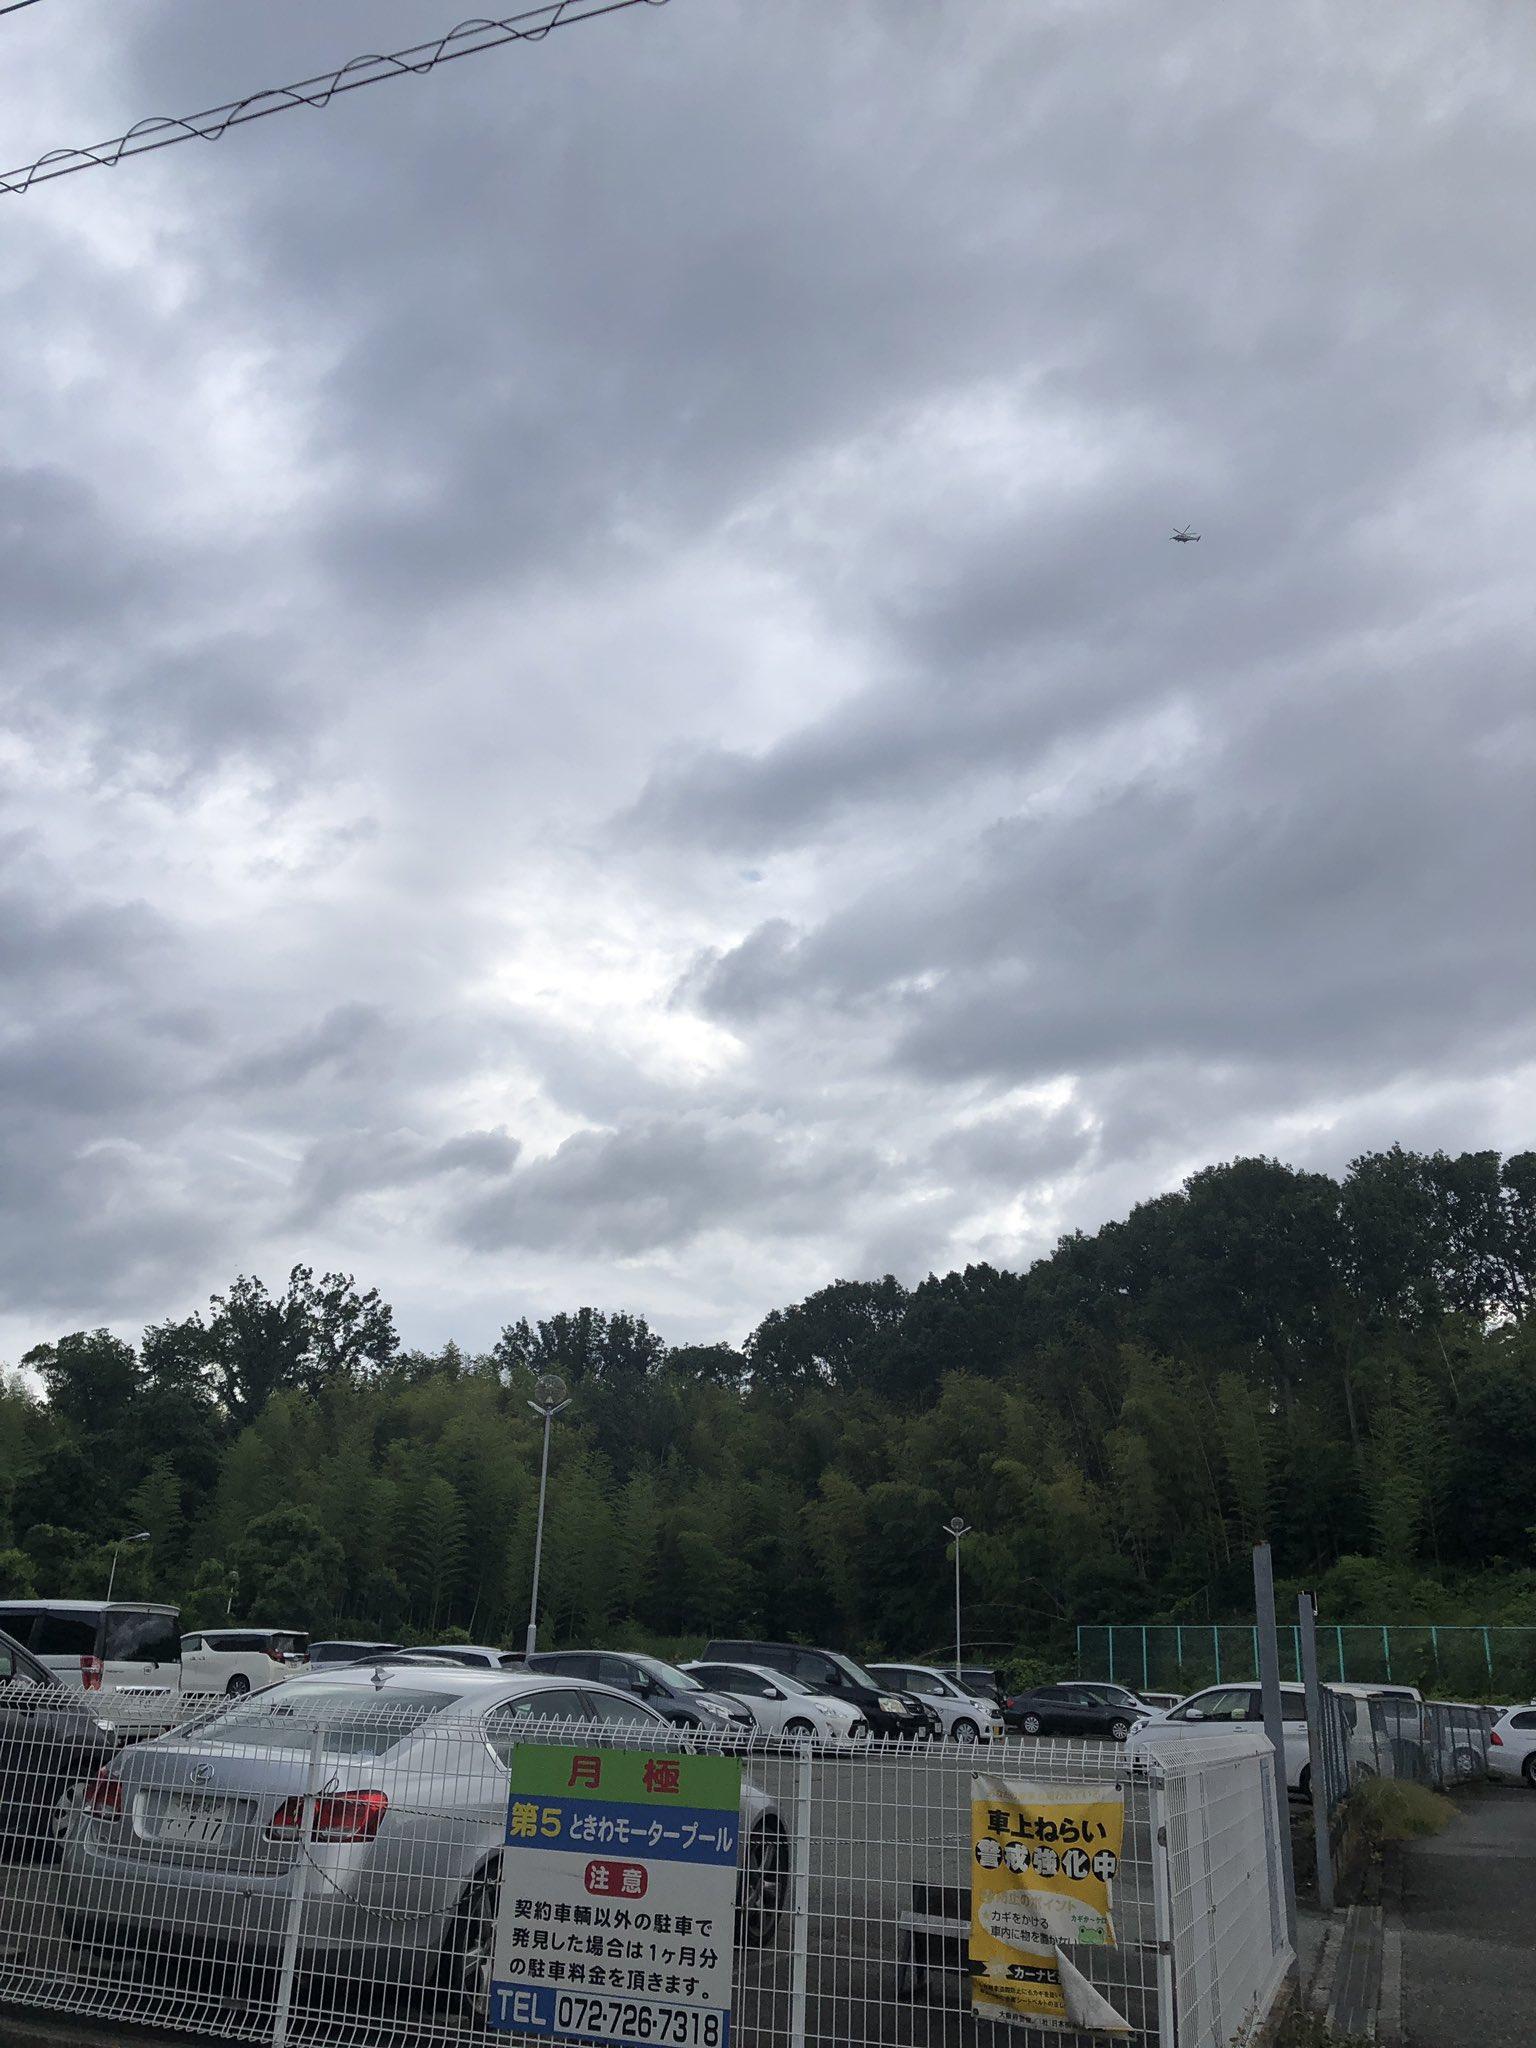 画像,空にはヘリ、パトカー巡回🚔物々しい https://t.co/pKlFvyg5Hh。